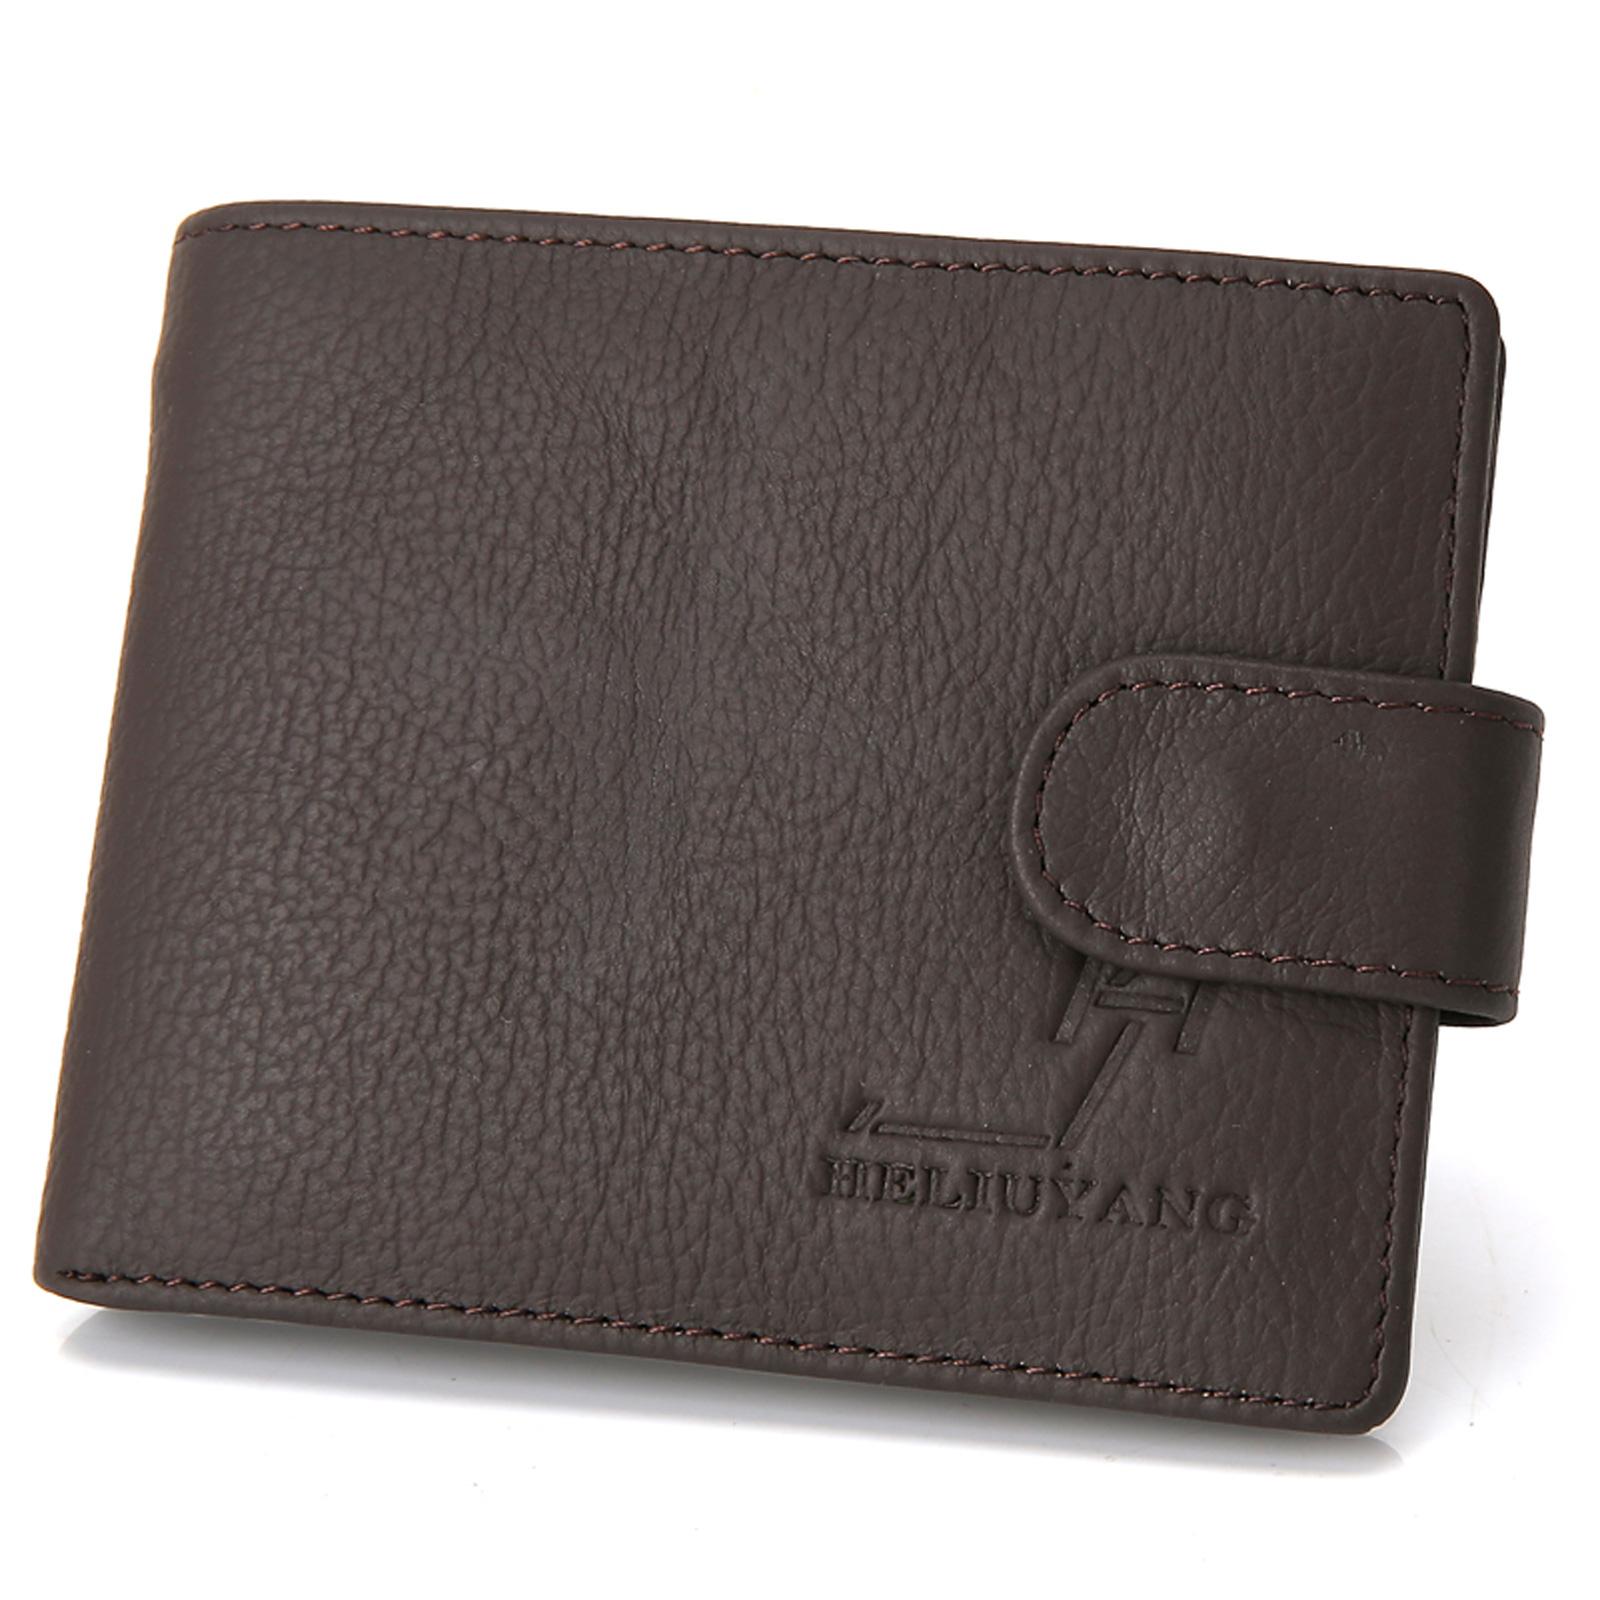 Details about Cowhide Leather Men's Bifold Money Clip Purse Pocket Short Wallet Coin Bag